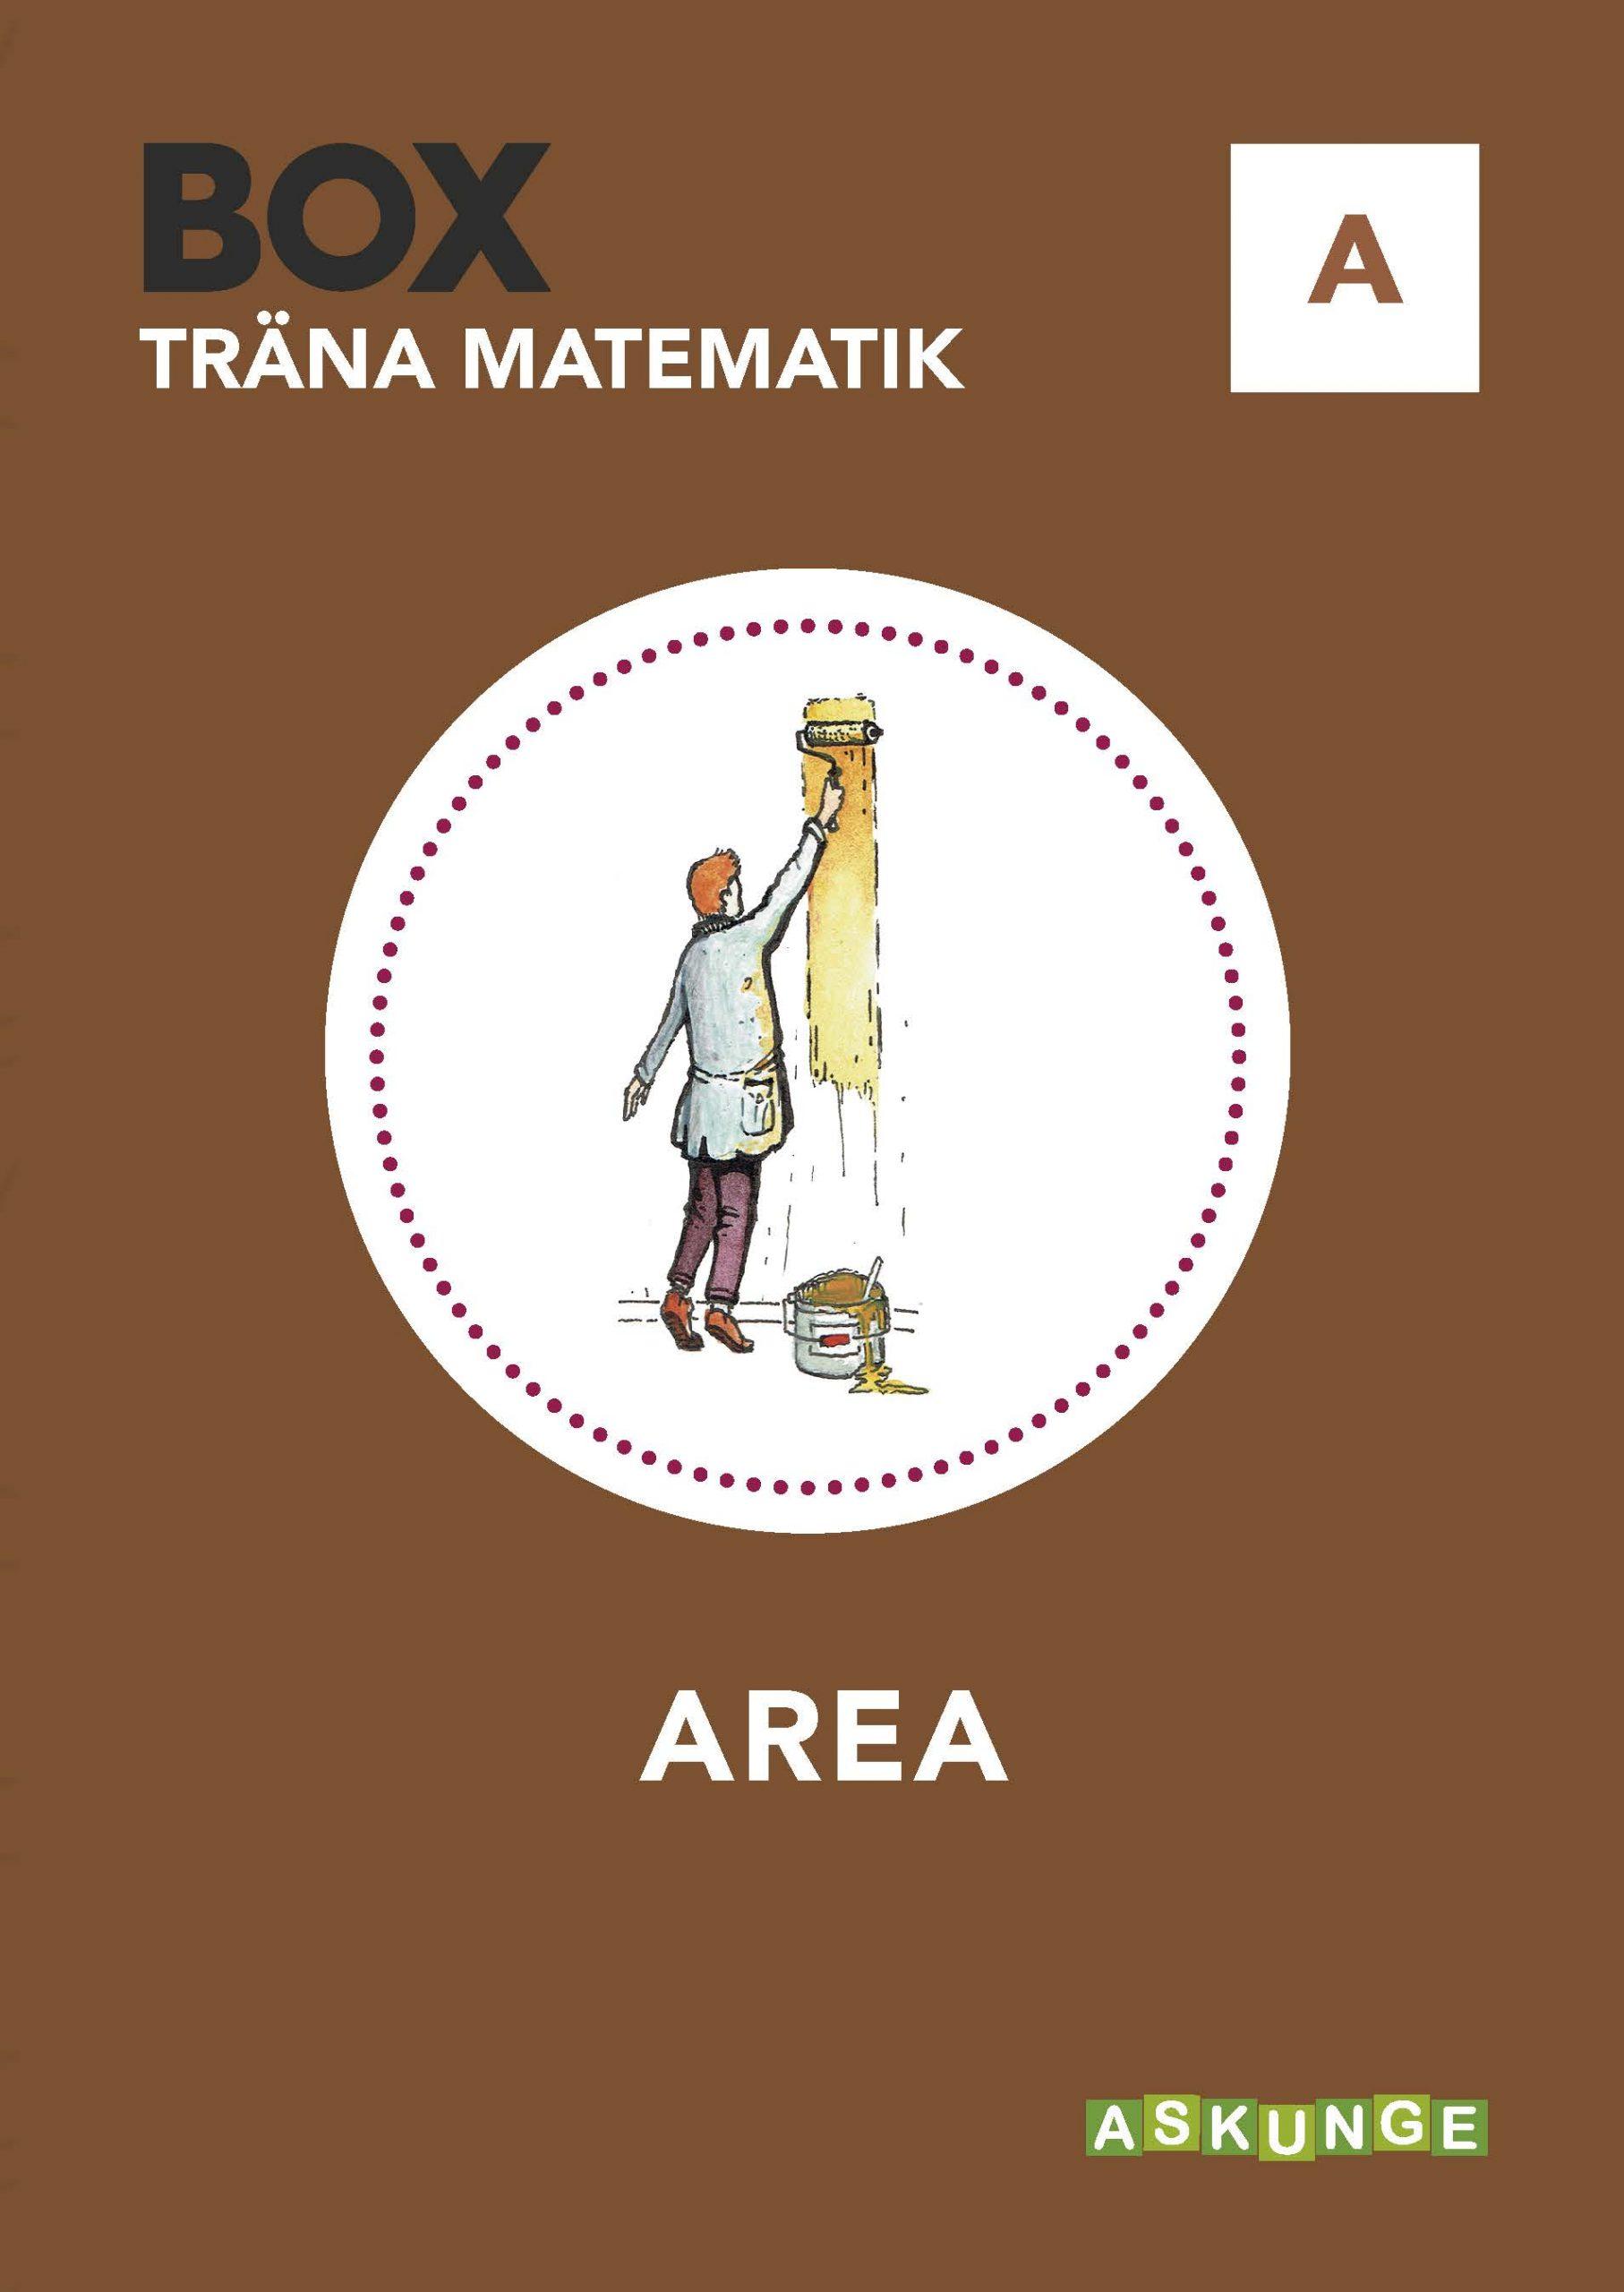 BOX-Area LR